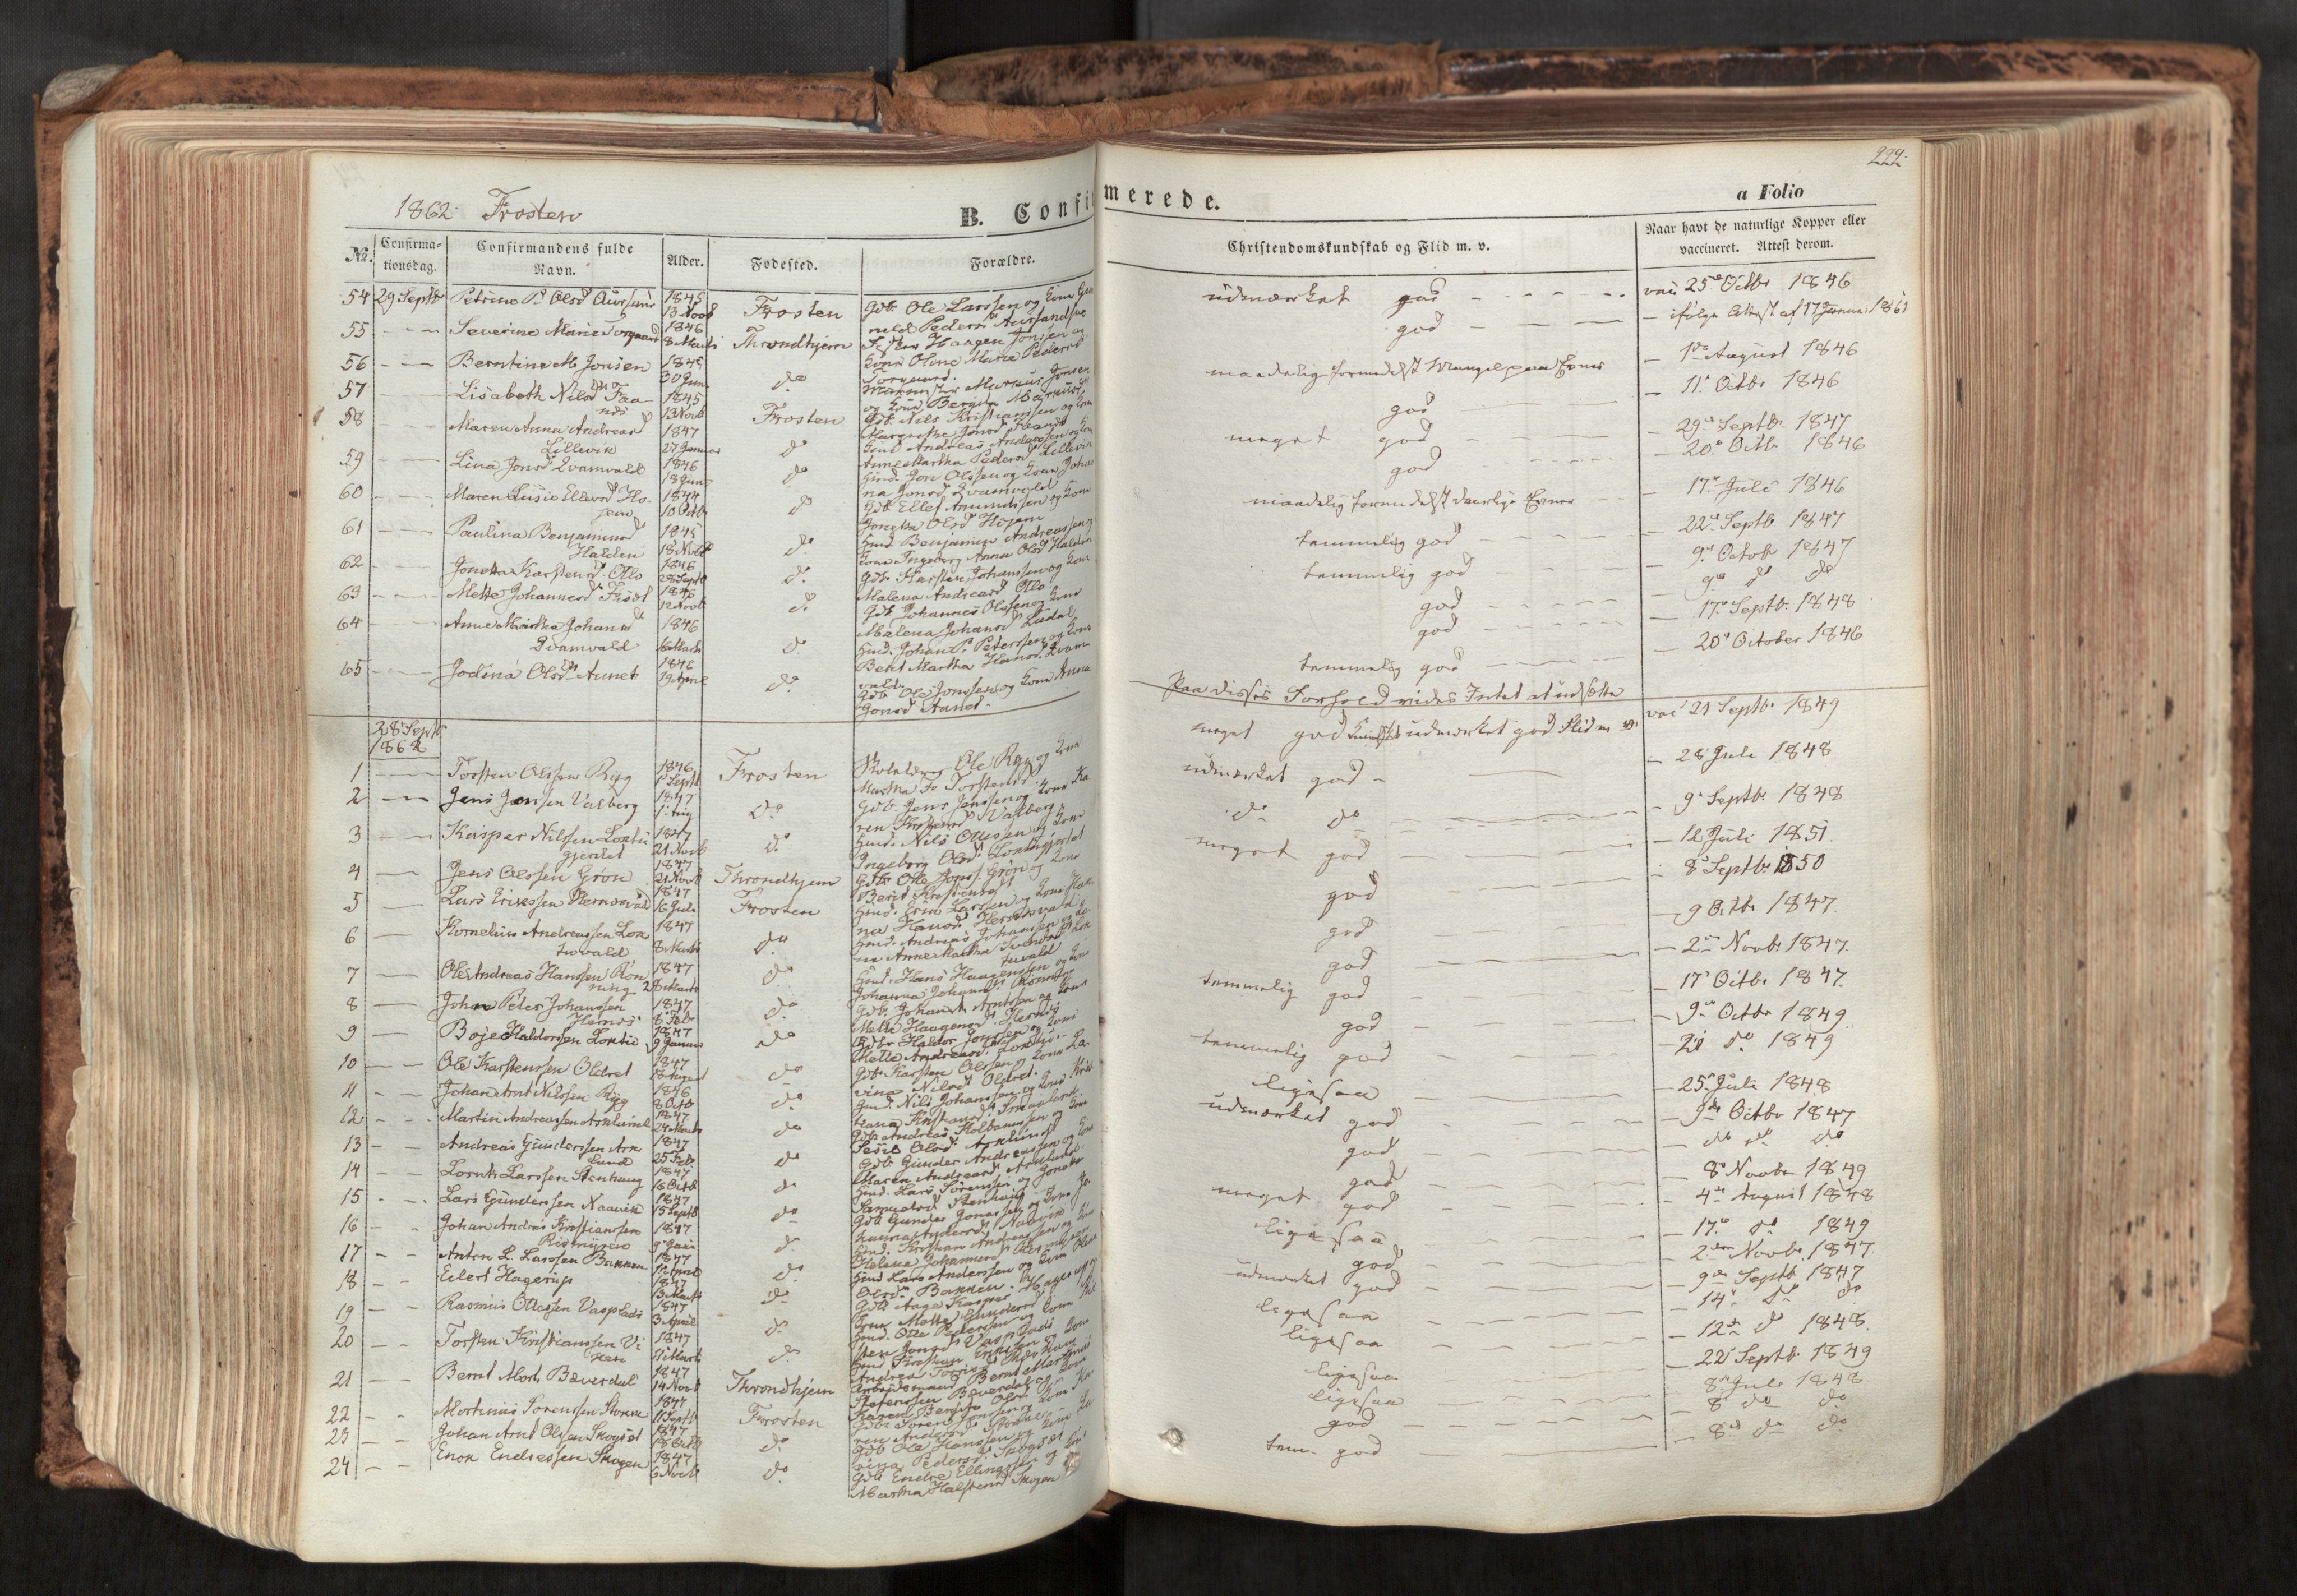 SAT, Ministerialprotokoller, klokkerbøker og fødselsregistre - Nord-Trøndelag, 713/L0116: Ministerialbok nr. 713A07, 1850-1877, s. 222